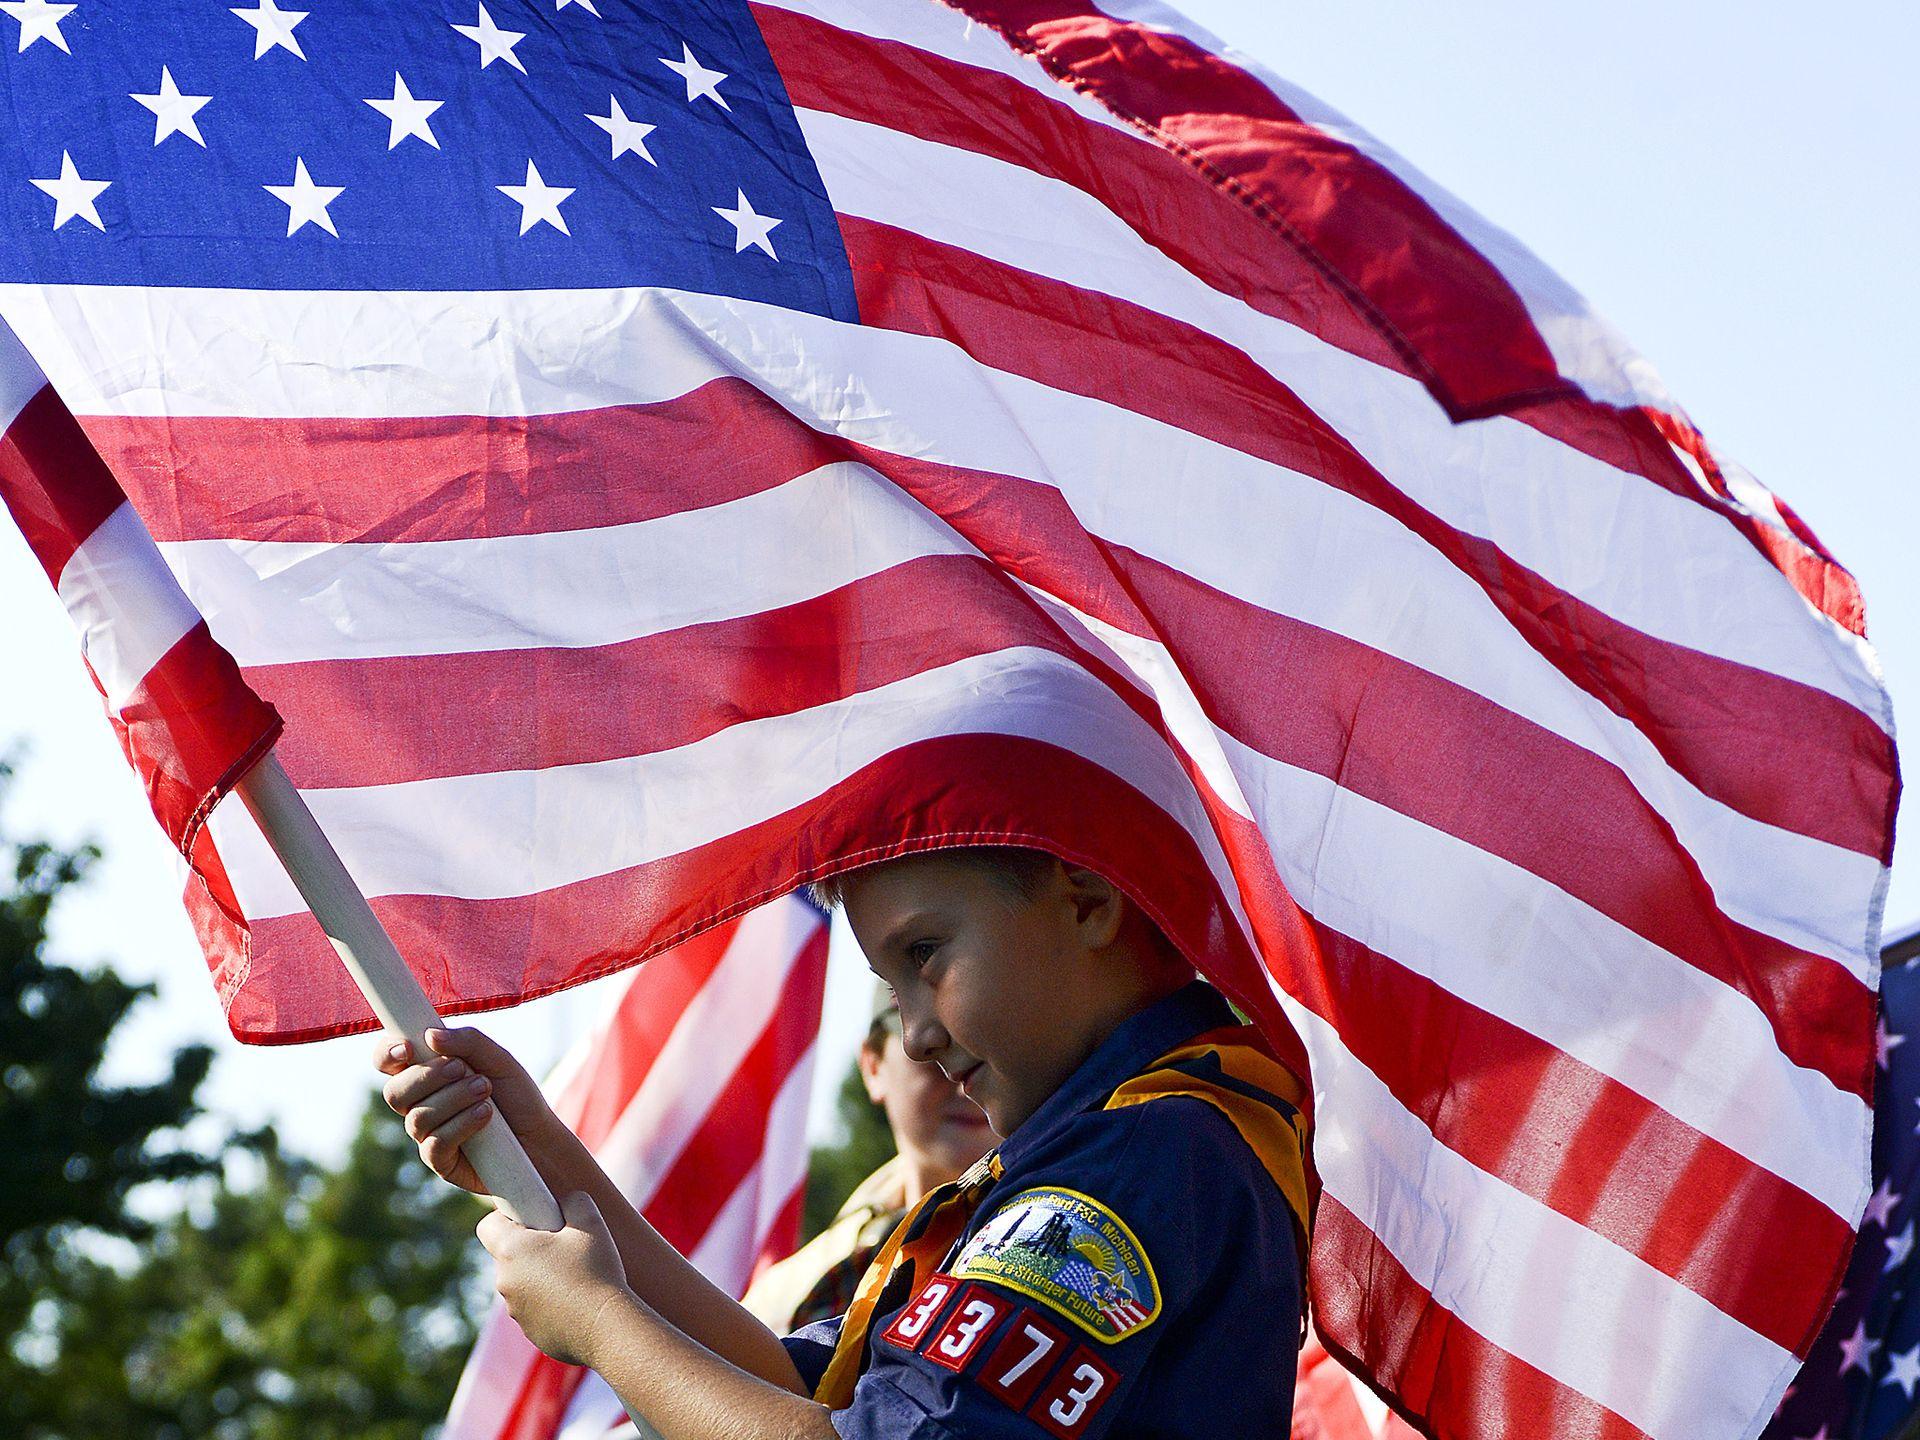 9月9日,一名儿童挥舞着美国国旗。此刻,正在进行911纪念展览。